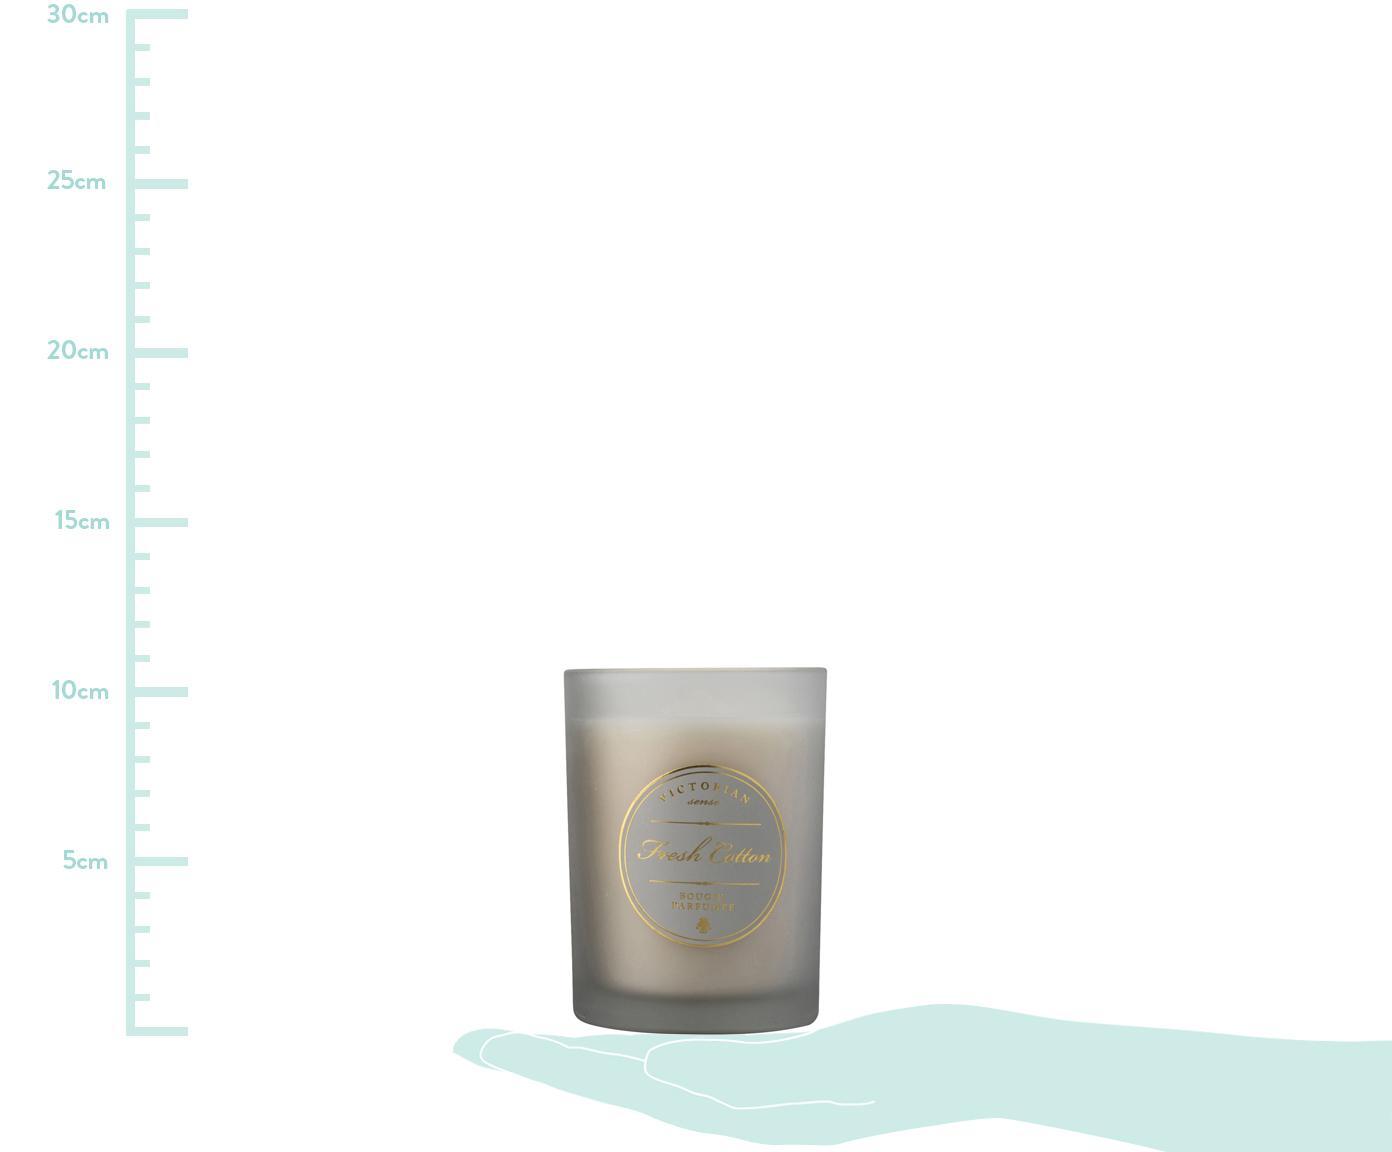 Duftkerze Sense (Frische Baumwolle), Behälter: Glas, Behälter: Grau<br>Wachs: Weiß, Ø 9 x H 11 cm